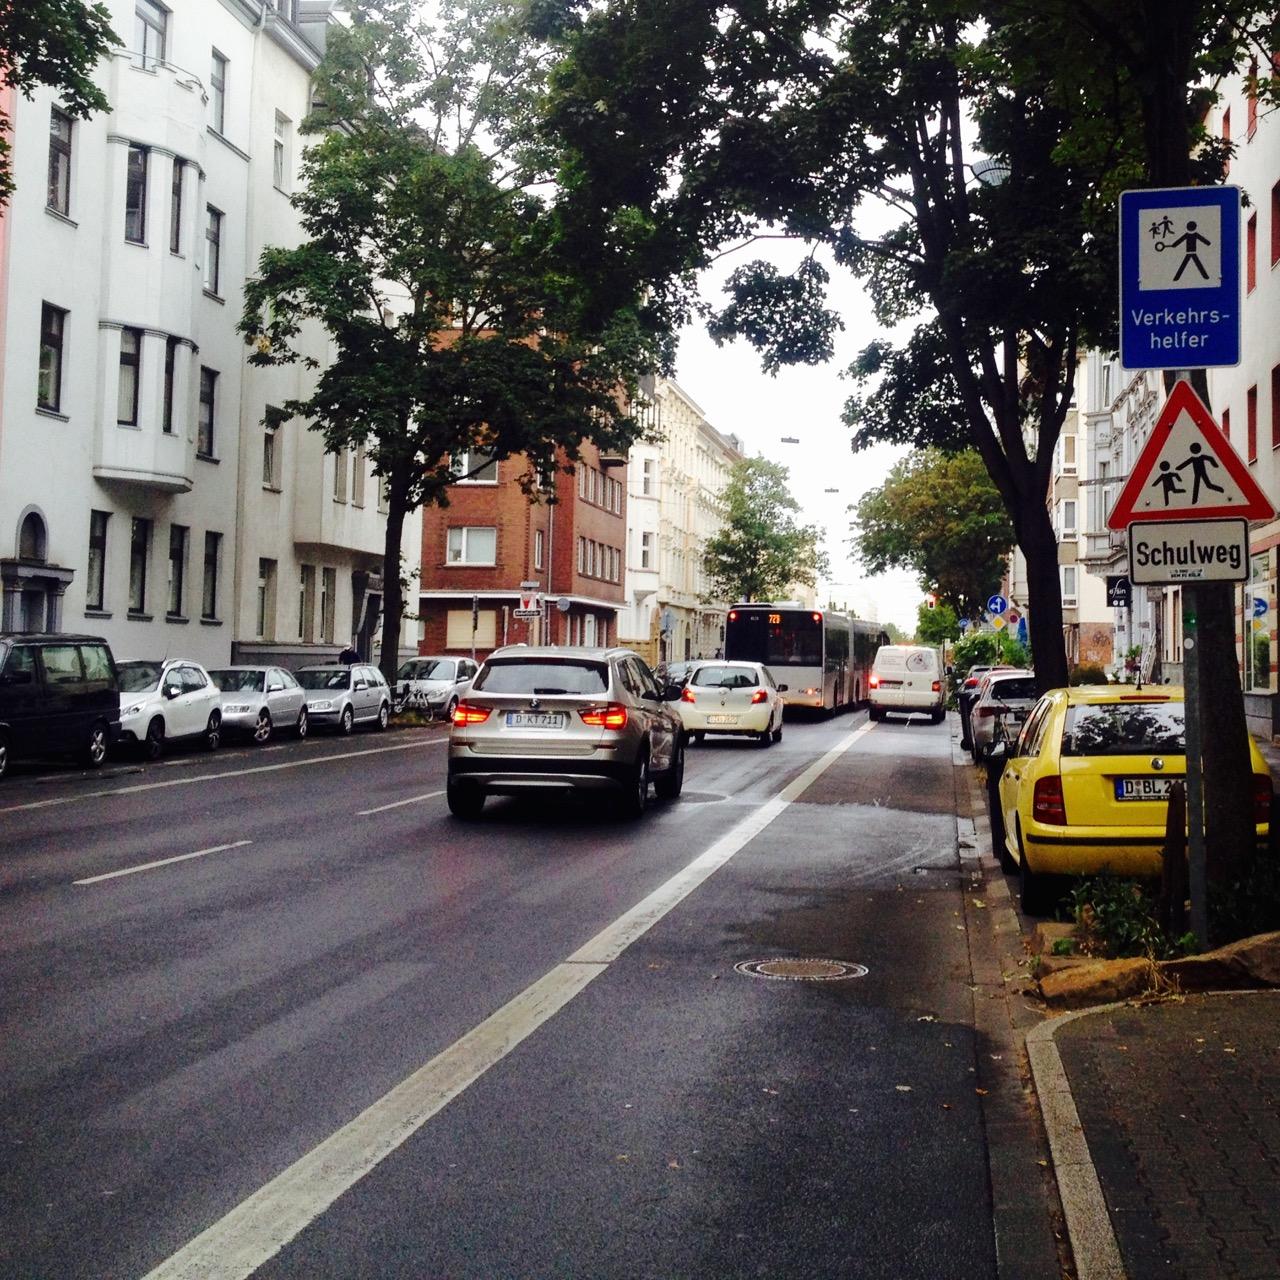 VerkehrshelferInnen für die Konkordiastraße gesucht